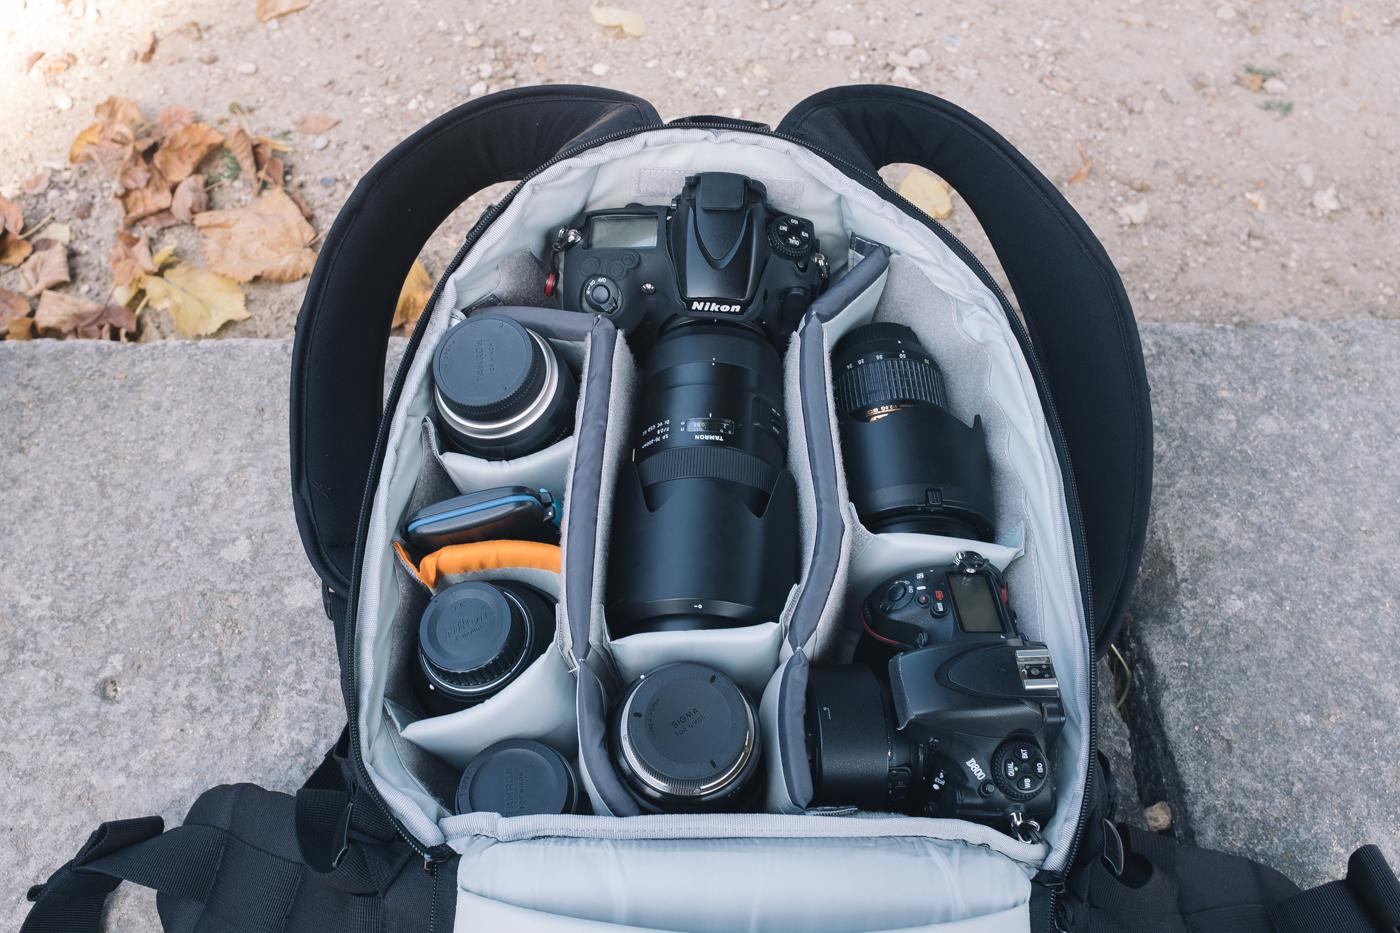 Flipside 400 Aw Ii Test Du Sac Photo Lowepro 300 Camo Tas Kamera